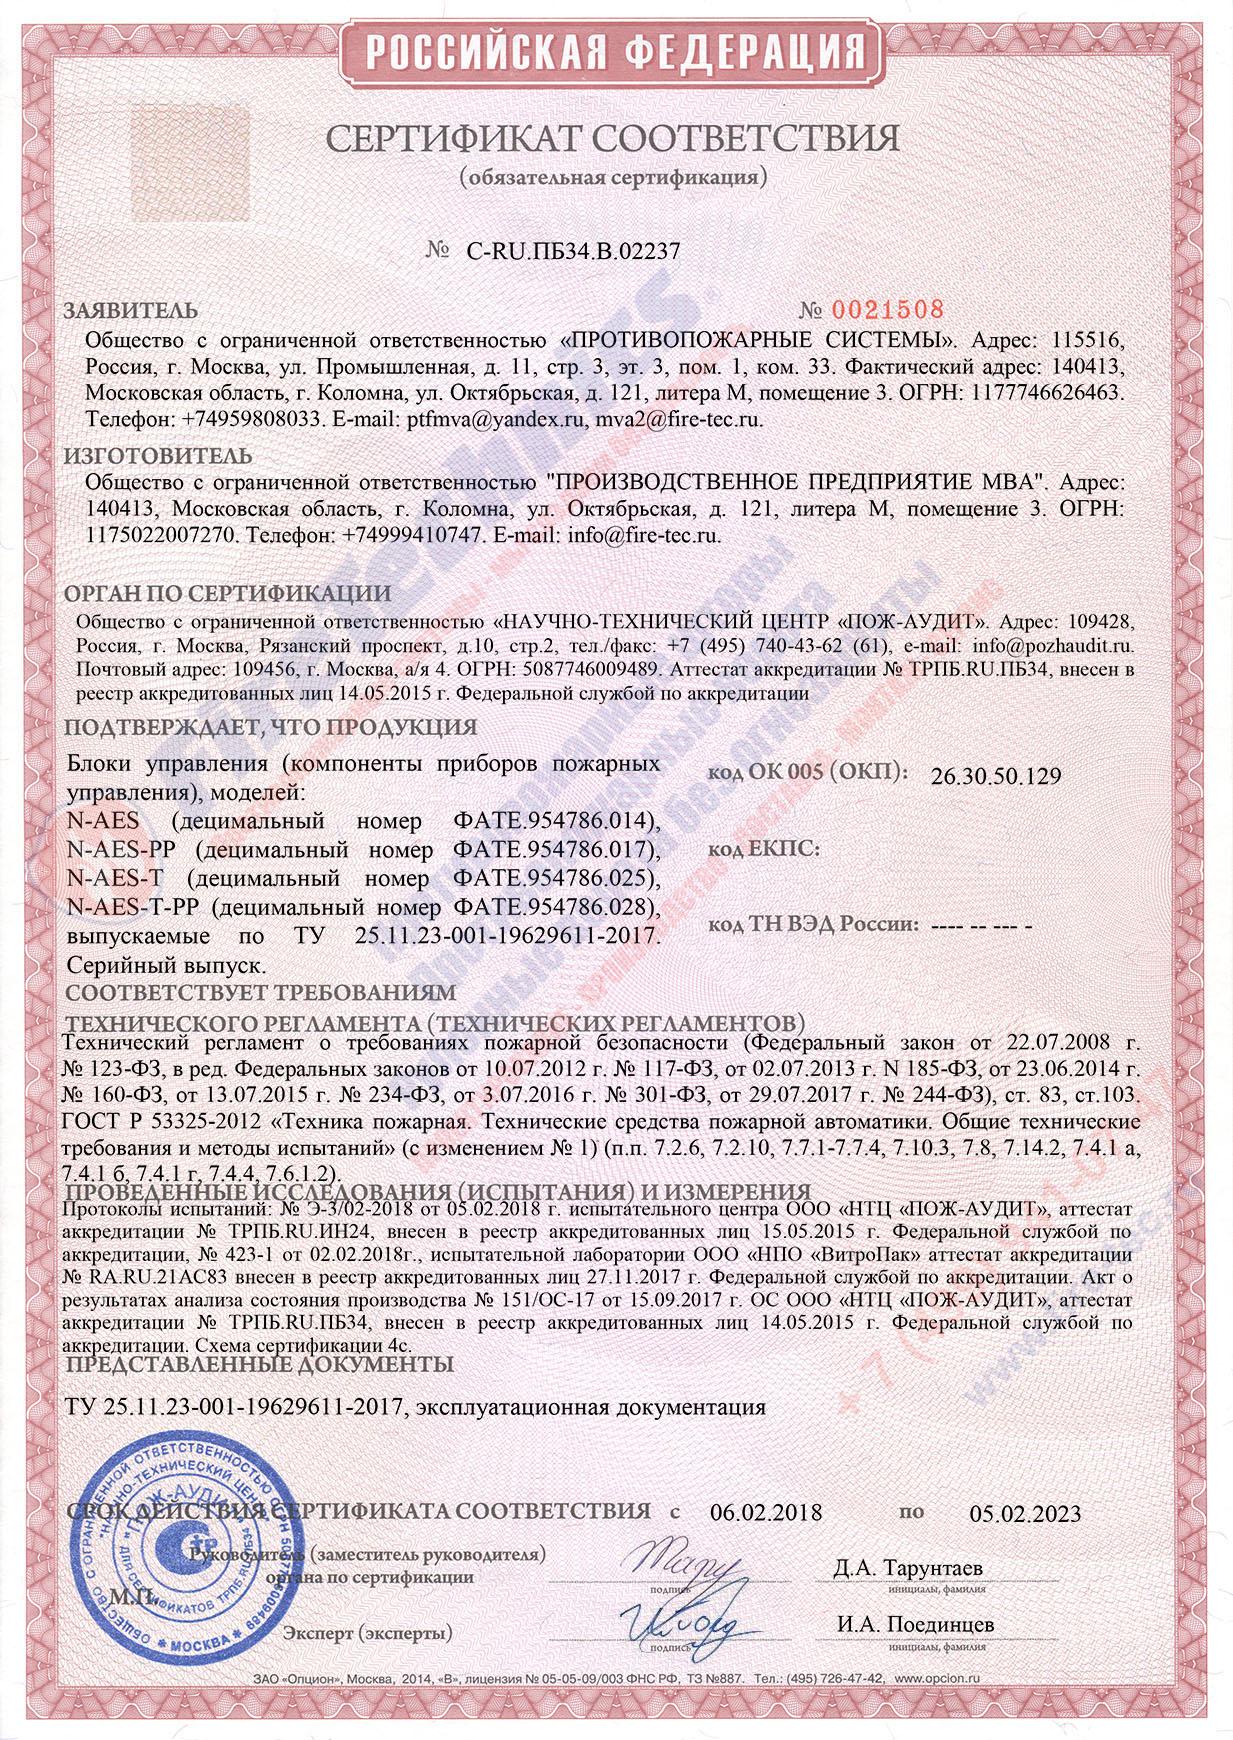 Сертификат Блок управления N-AES (пожарные приборы управления)